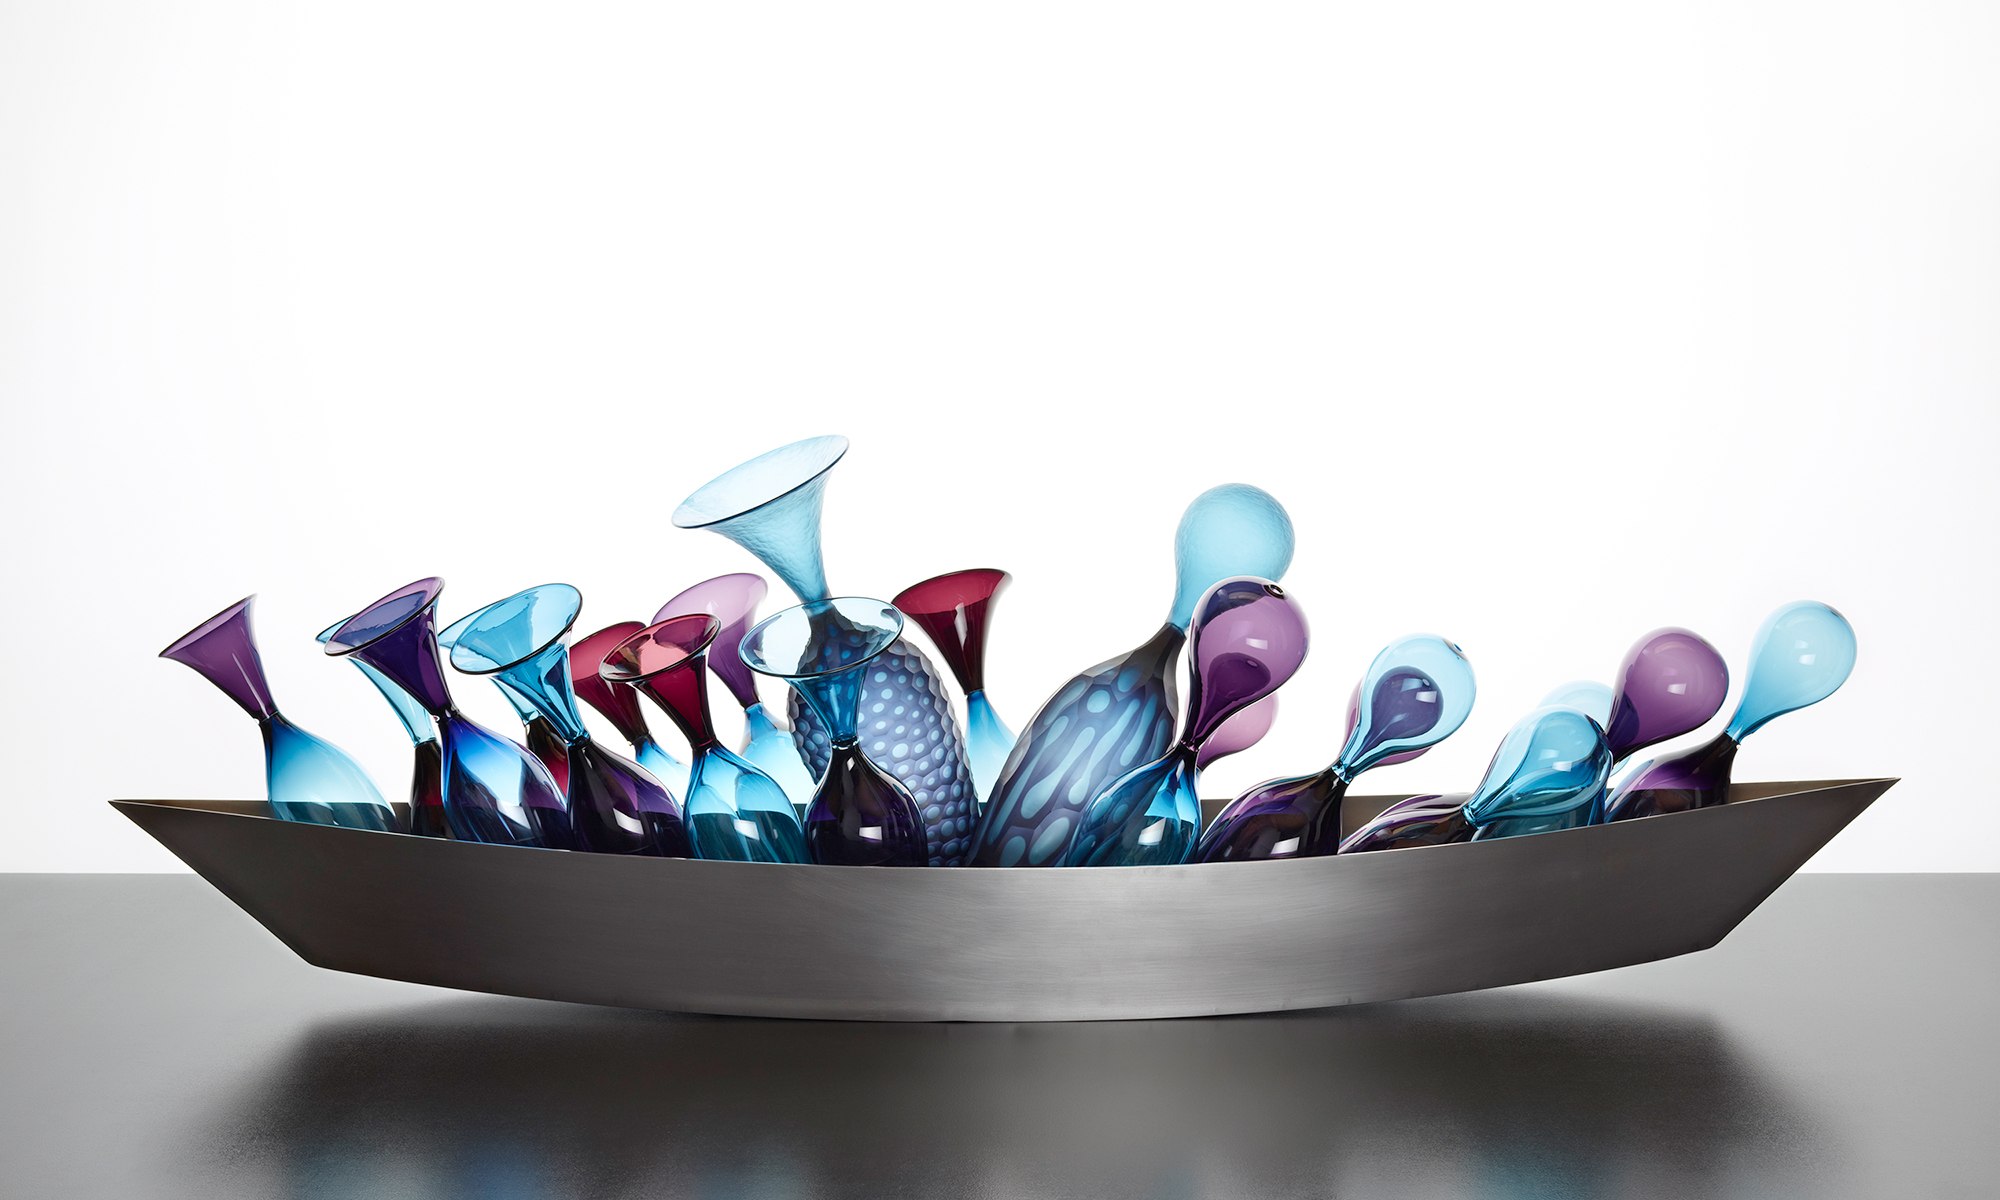 The Best of Glass Art: Monica Guggisberg and Philip Baldwin glass sculpture The Best of Glass Sculpture Art: Monica Guggisberg and Philip Baldwin mudac 503 BaldwinGuggisberg HeadedRoundTheCape 2010 2 web 1